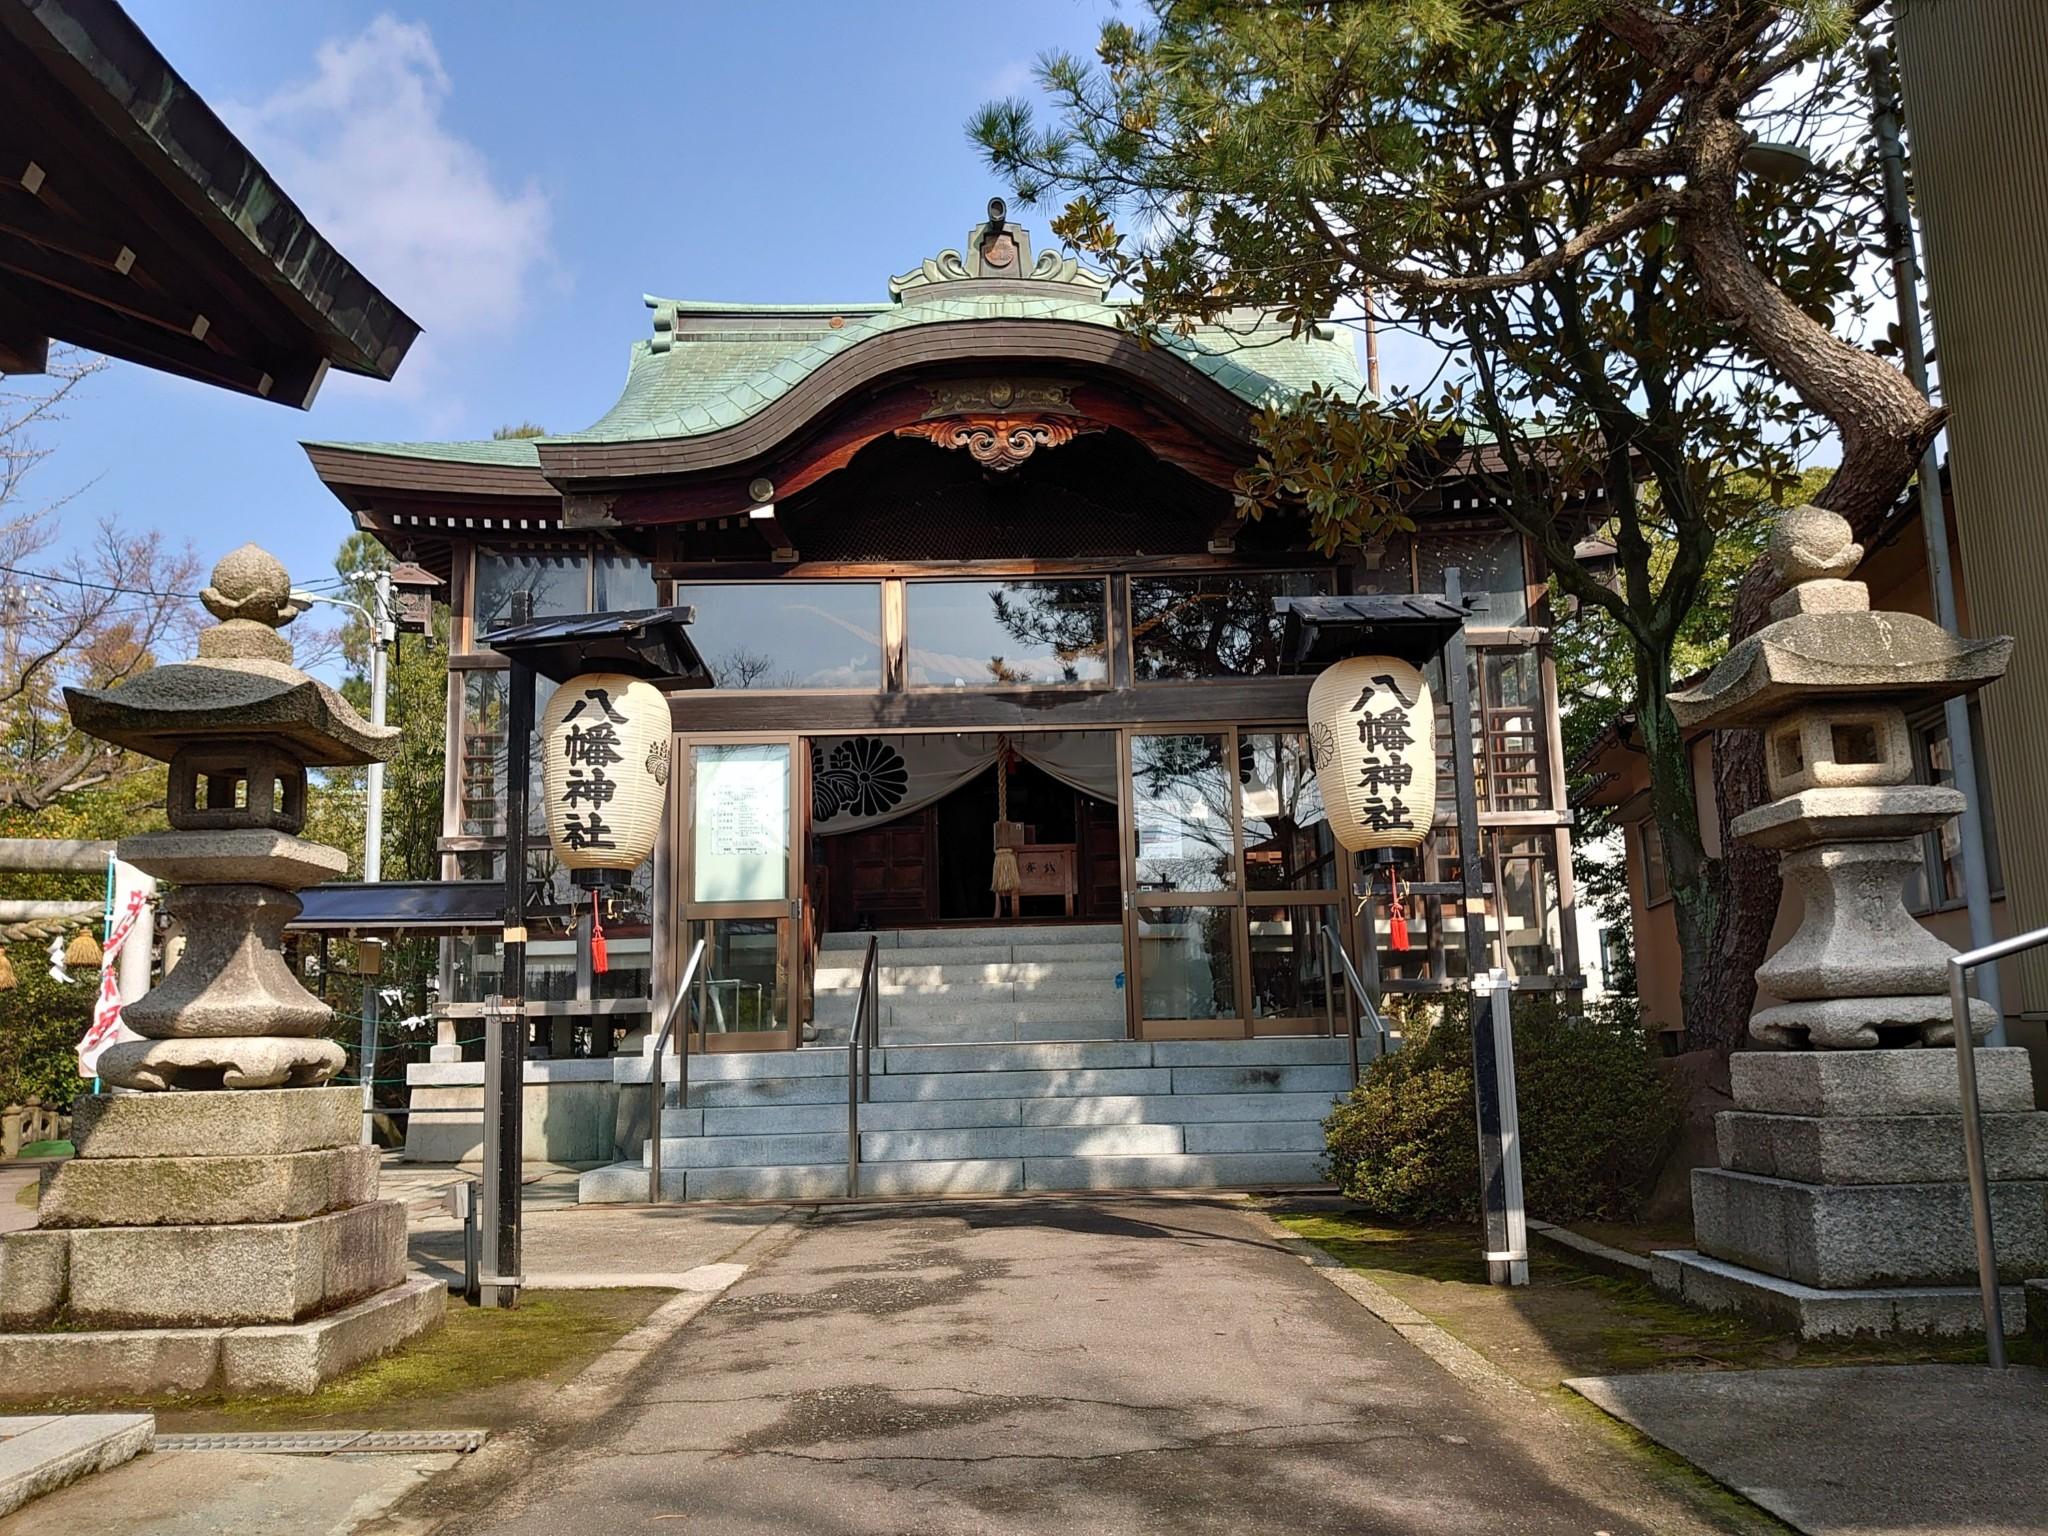 令和2年_西金沢_八幡神社_祈年祭